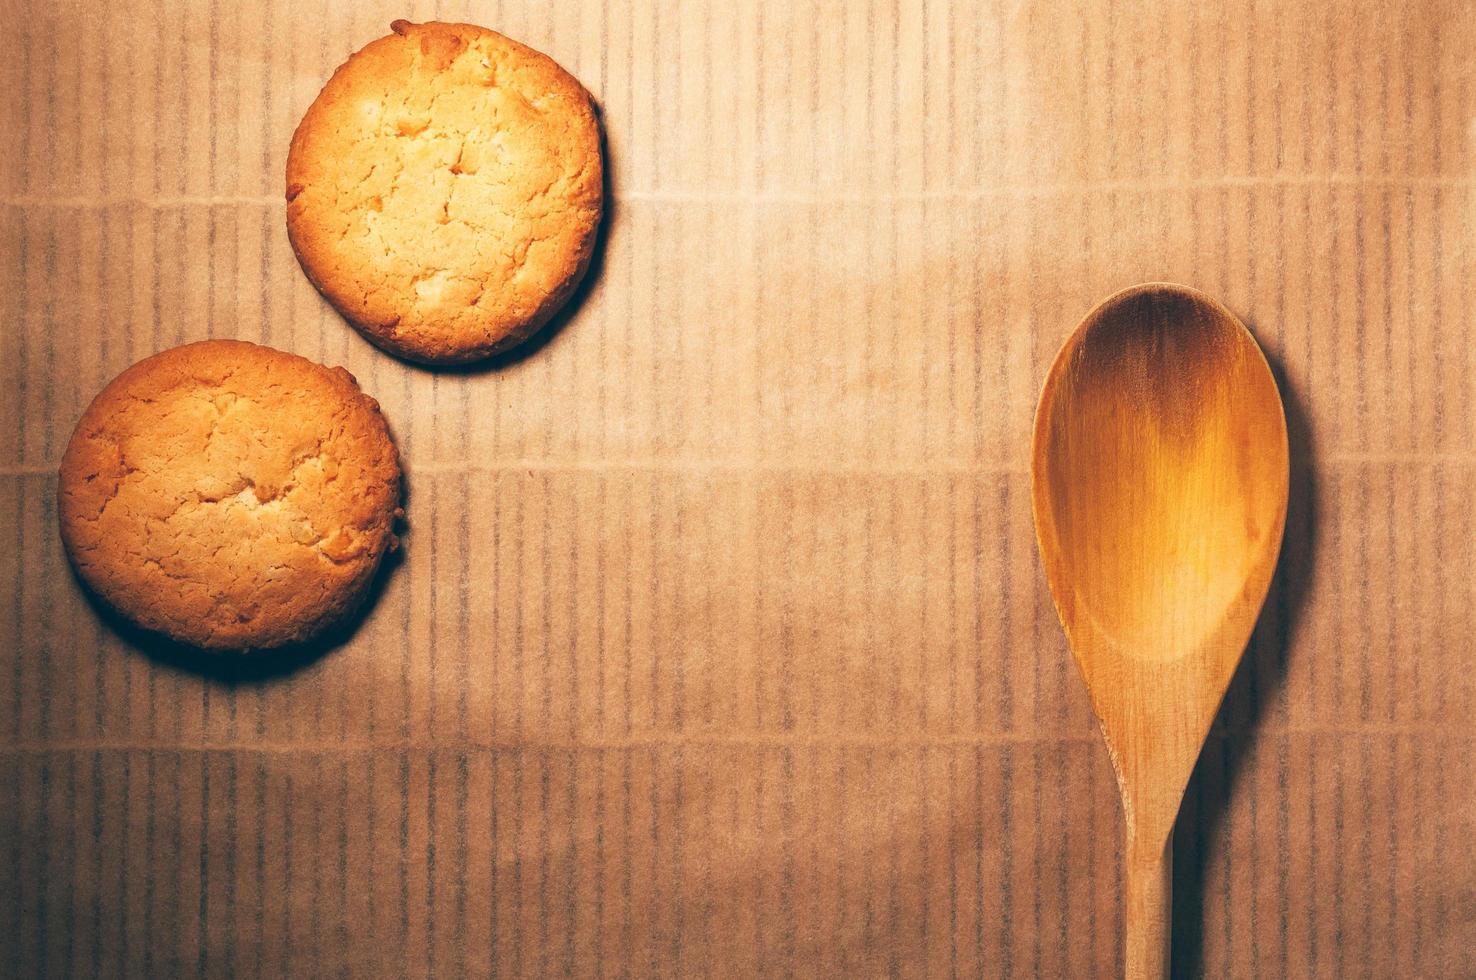 biscuits ronds avec cuillère en bois, sur fond de bambou photo